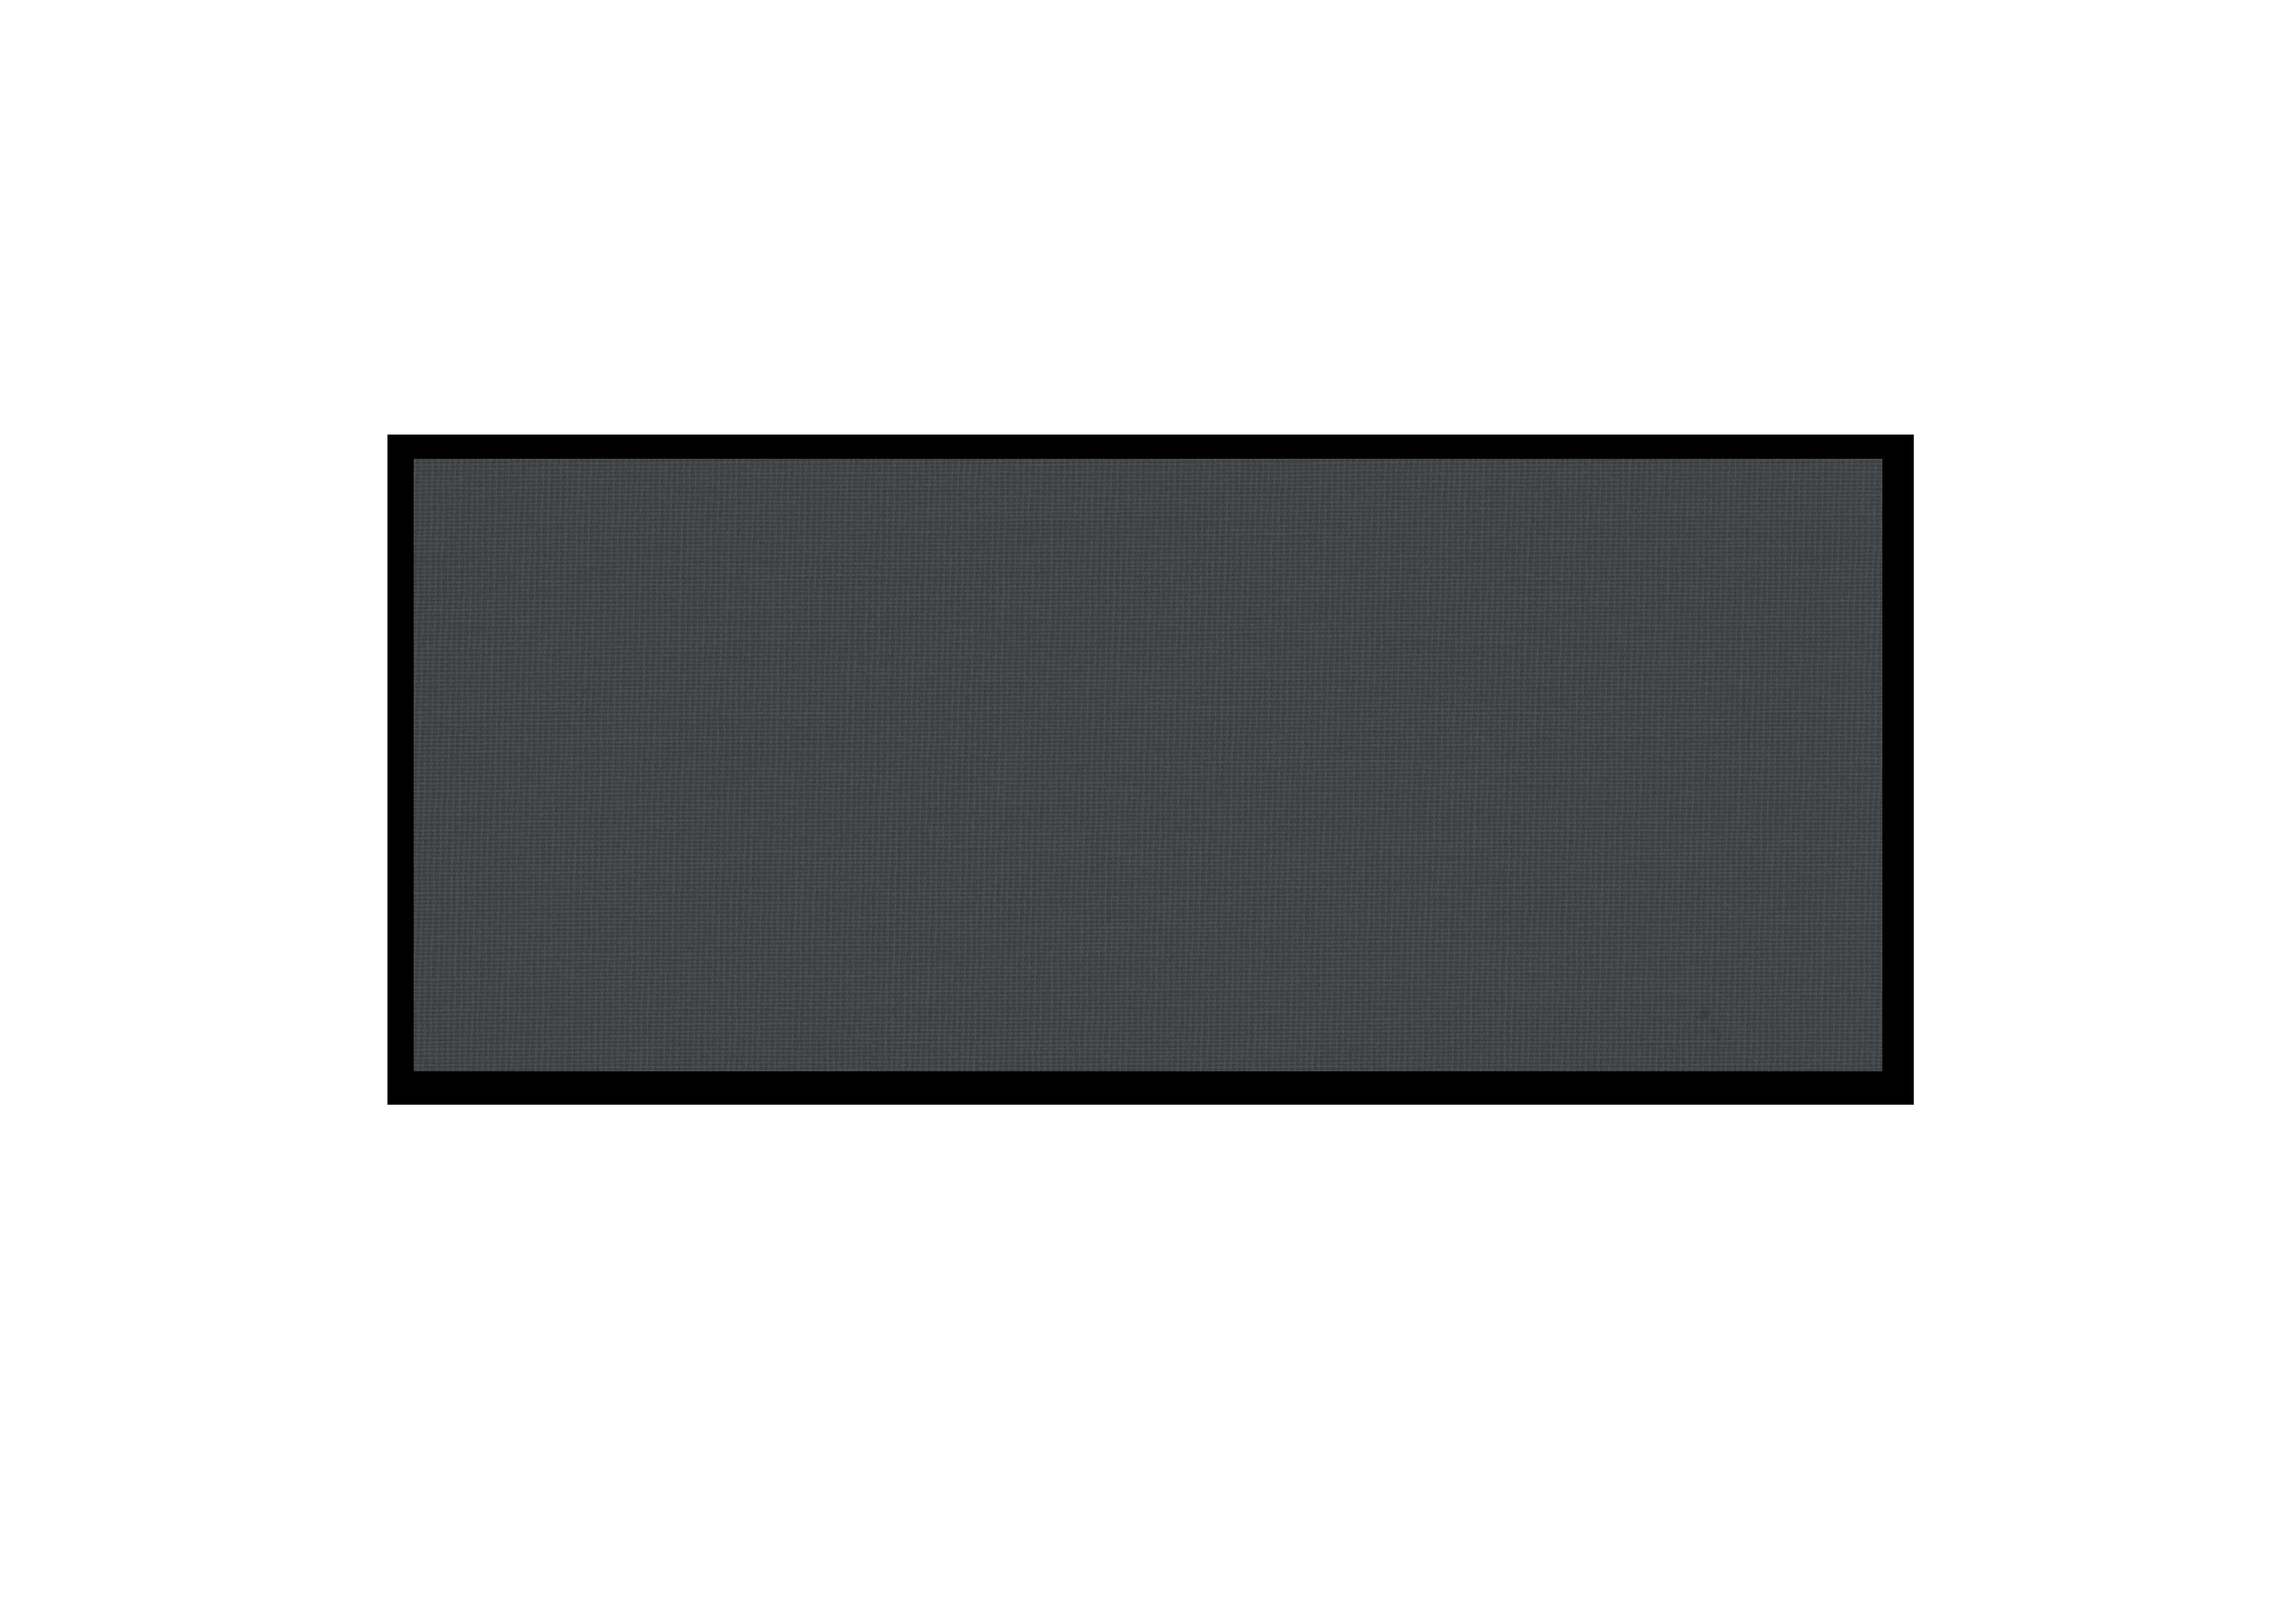 Rolgordijnen 50219 zwart - Michiel Zuur Gordijnen